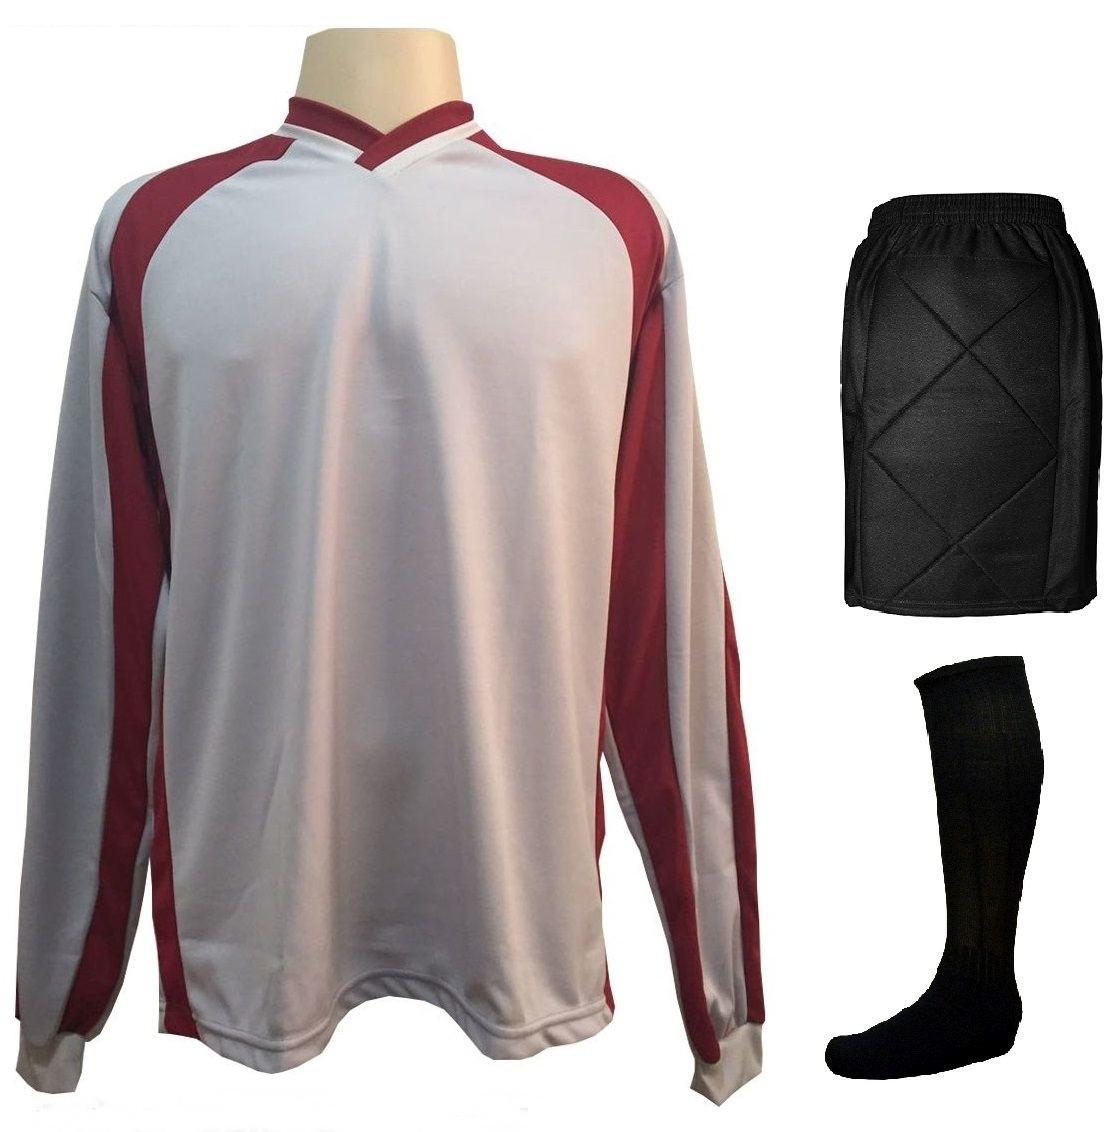 Uniforme Esportivo Completo modelo PSG 14+1 (14 camisas Azul Royal/Preto/Branco + 14 calções Madrid Royal + 14 pares de meiões Royal + 1 conjunto de goleiro)